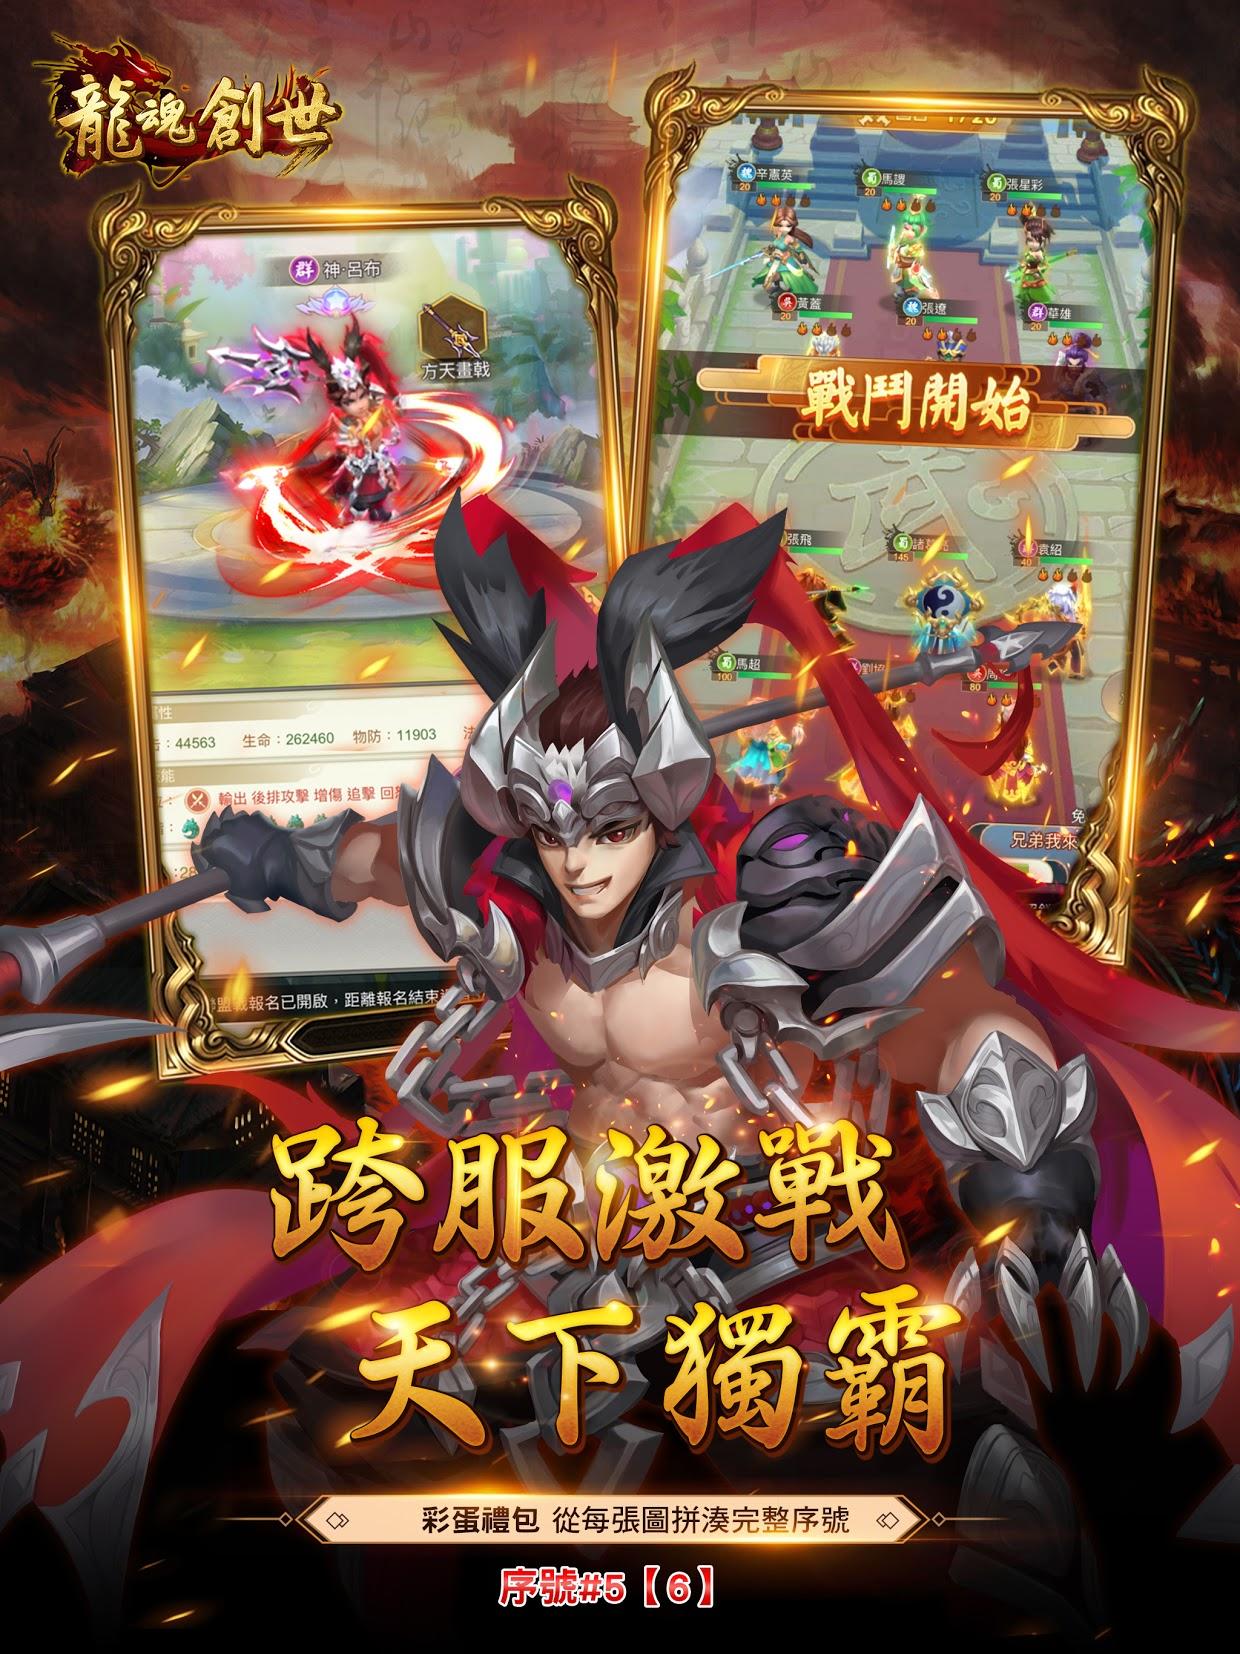 三國放置卡牌手遊《龍魂創世》 挑戰三國策略玩法新世代